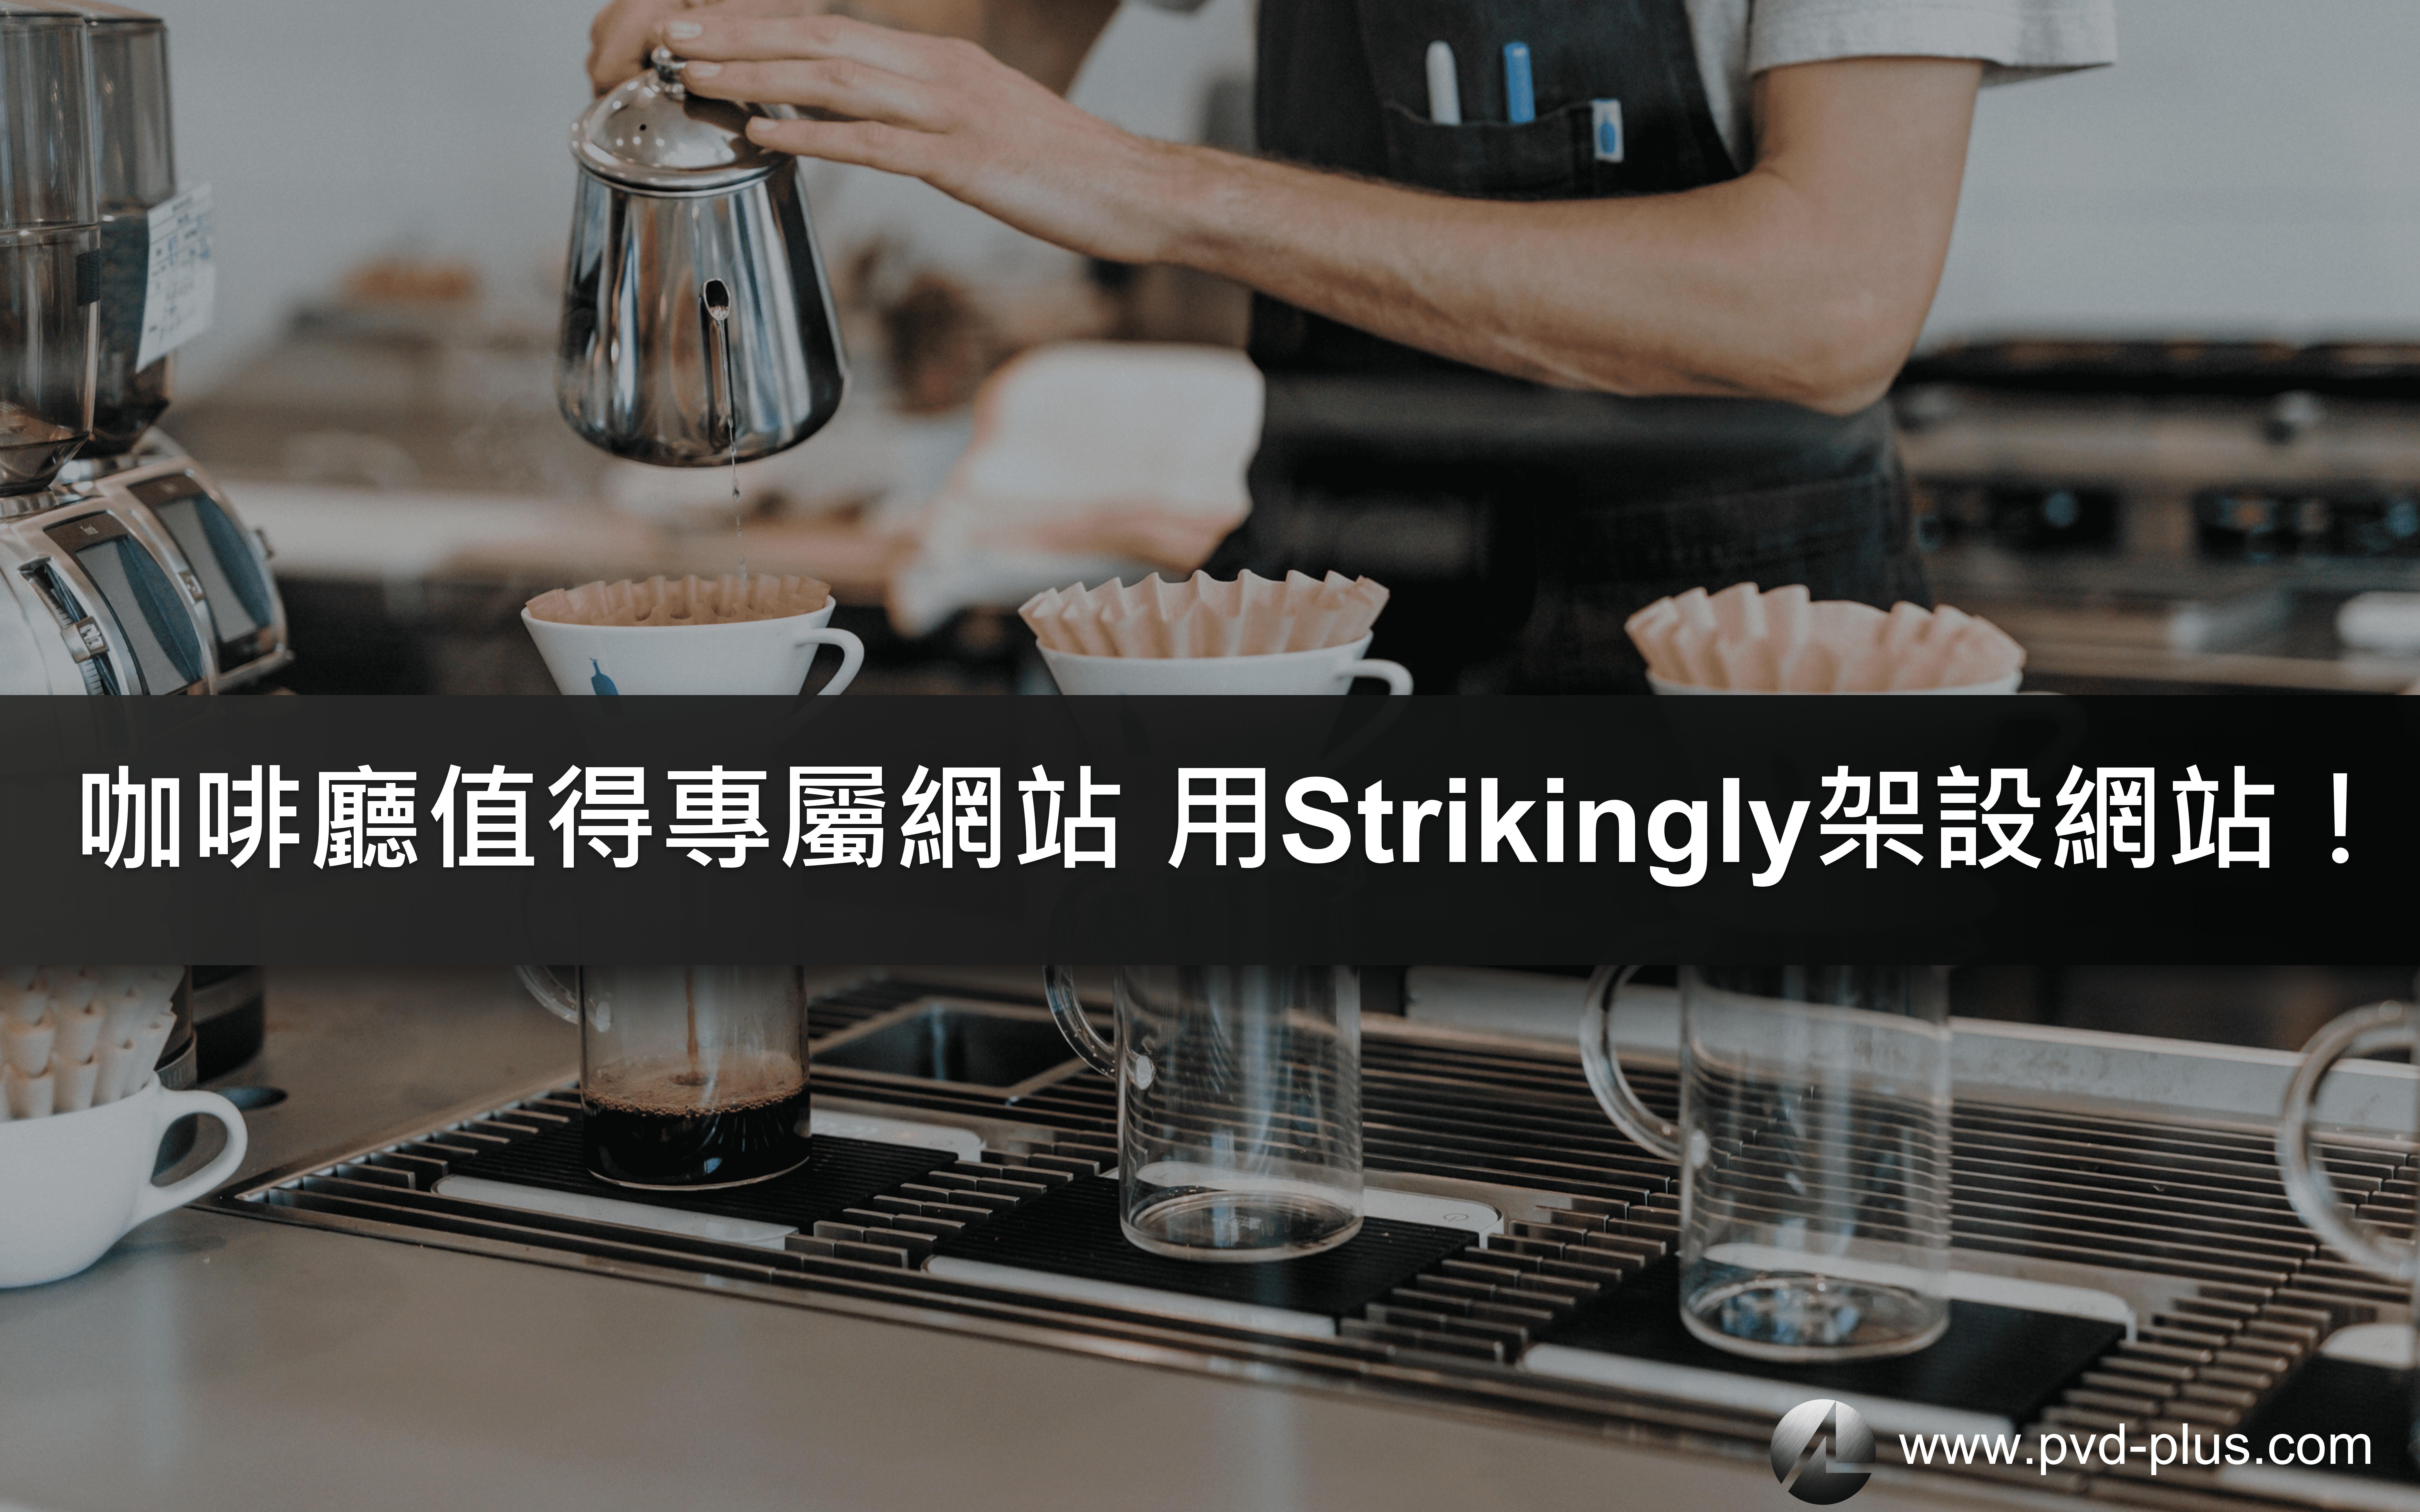 網站新手如何架設咖啡廳網站? 用 Strikingly 幫你輕鬆找到顧客和加盟主!